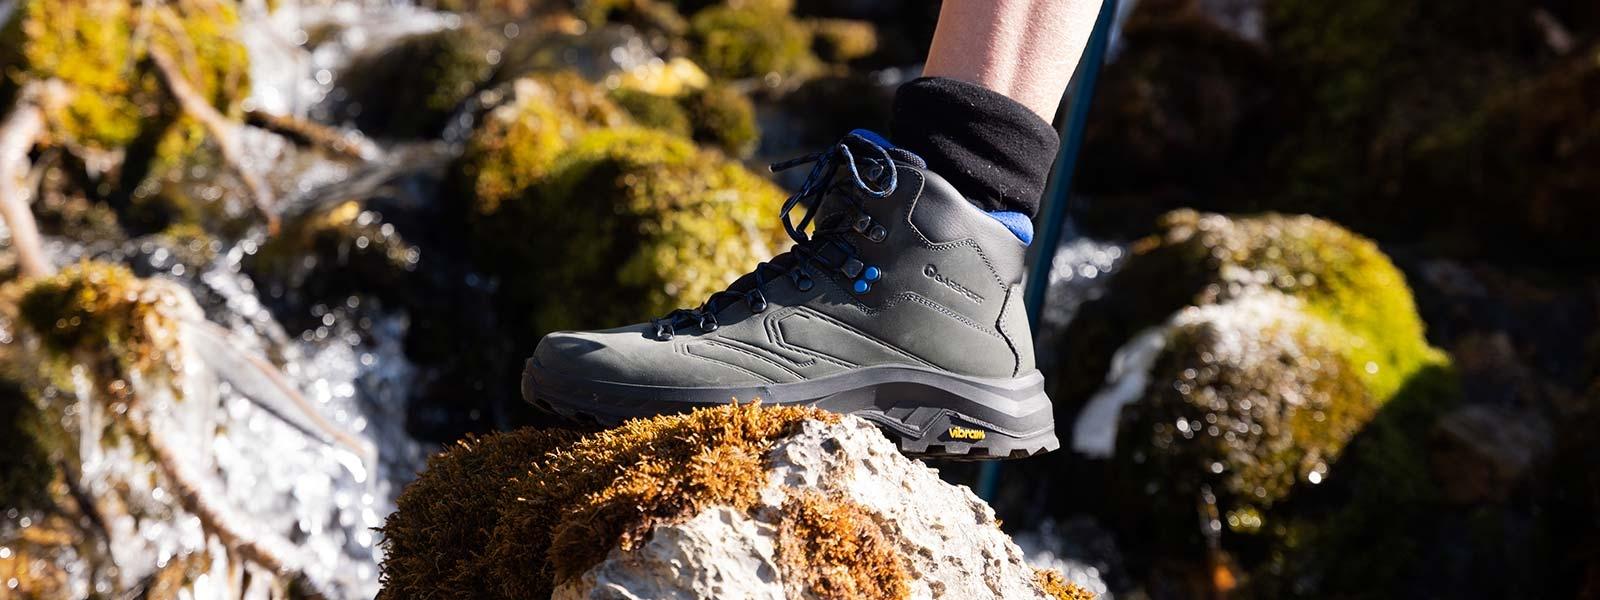 Garsport Trekking Hiking - waterproof trekking boots and vibram sole